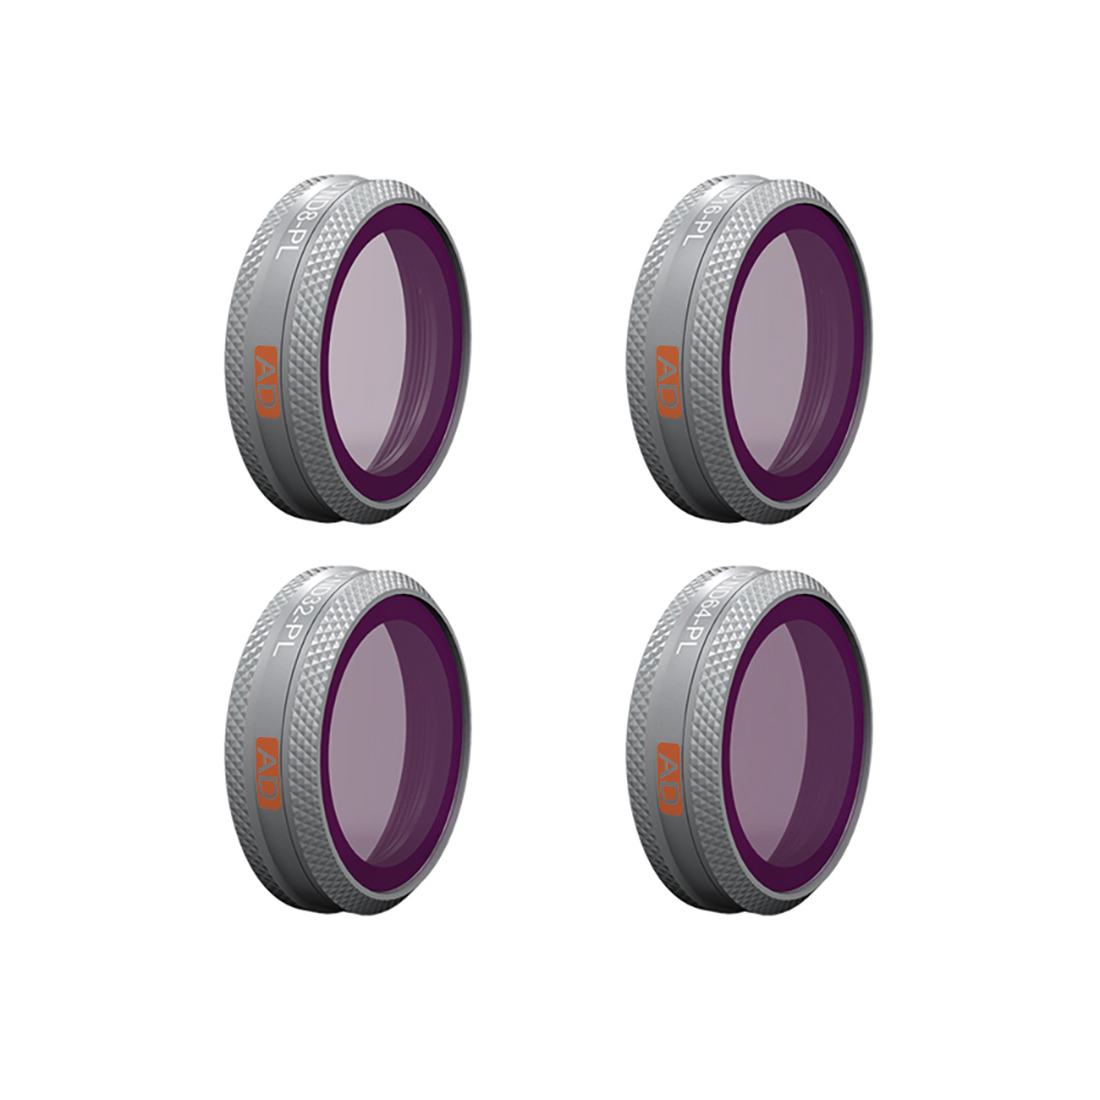 PGYTECH Advanced Version 4Pcs ND/PL Camera Lens Filters Set for DJI MAVIC 2 ZOOM - ND8/PL ND16/PL ND32/PL ND64/PL Filter Updated цены онлайн